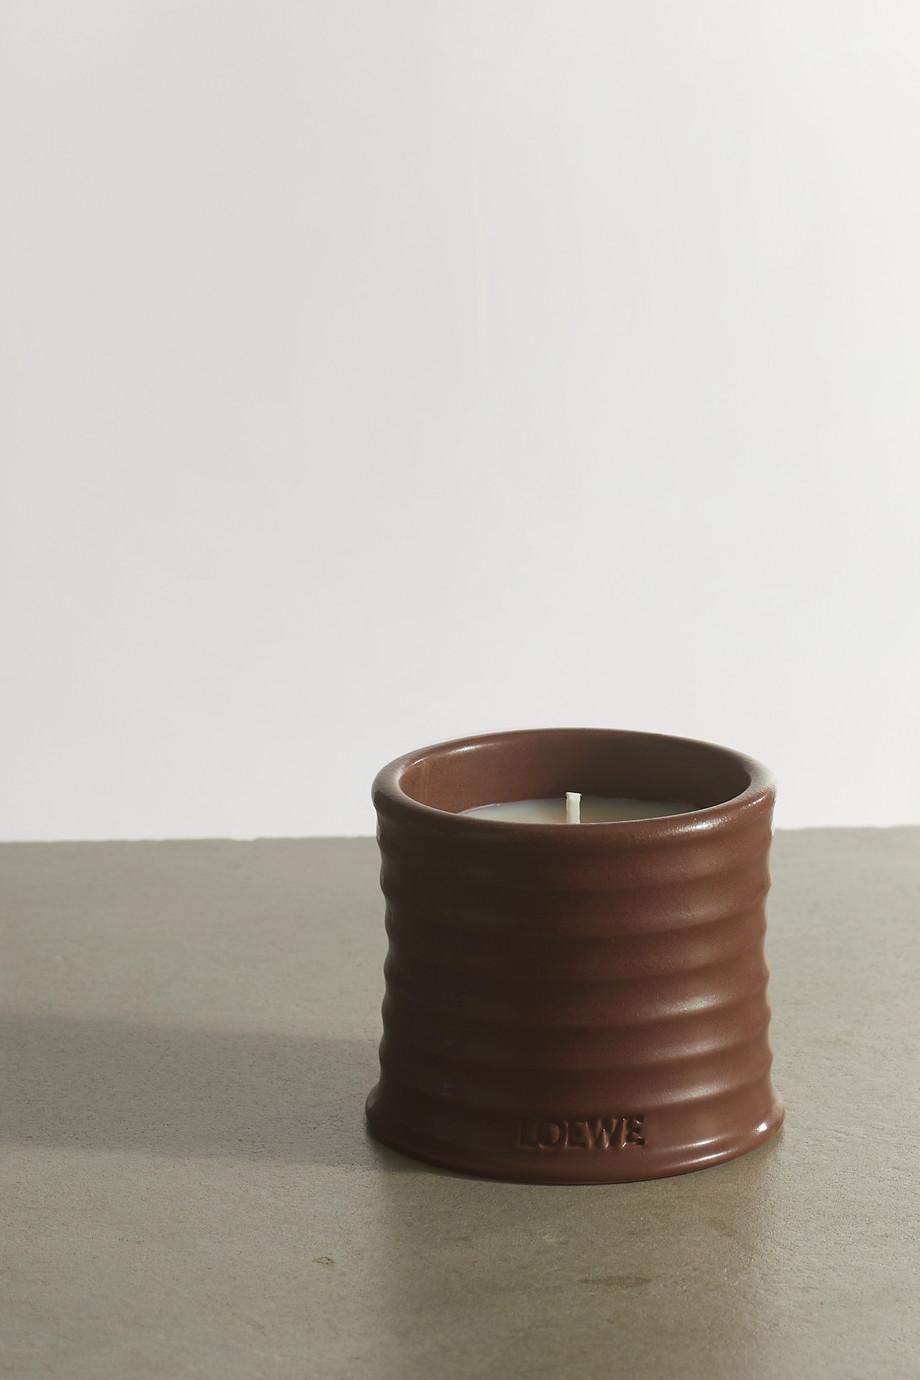 LOEWE Home Scents Bougie parfumée à la coriandre Small, 170 g